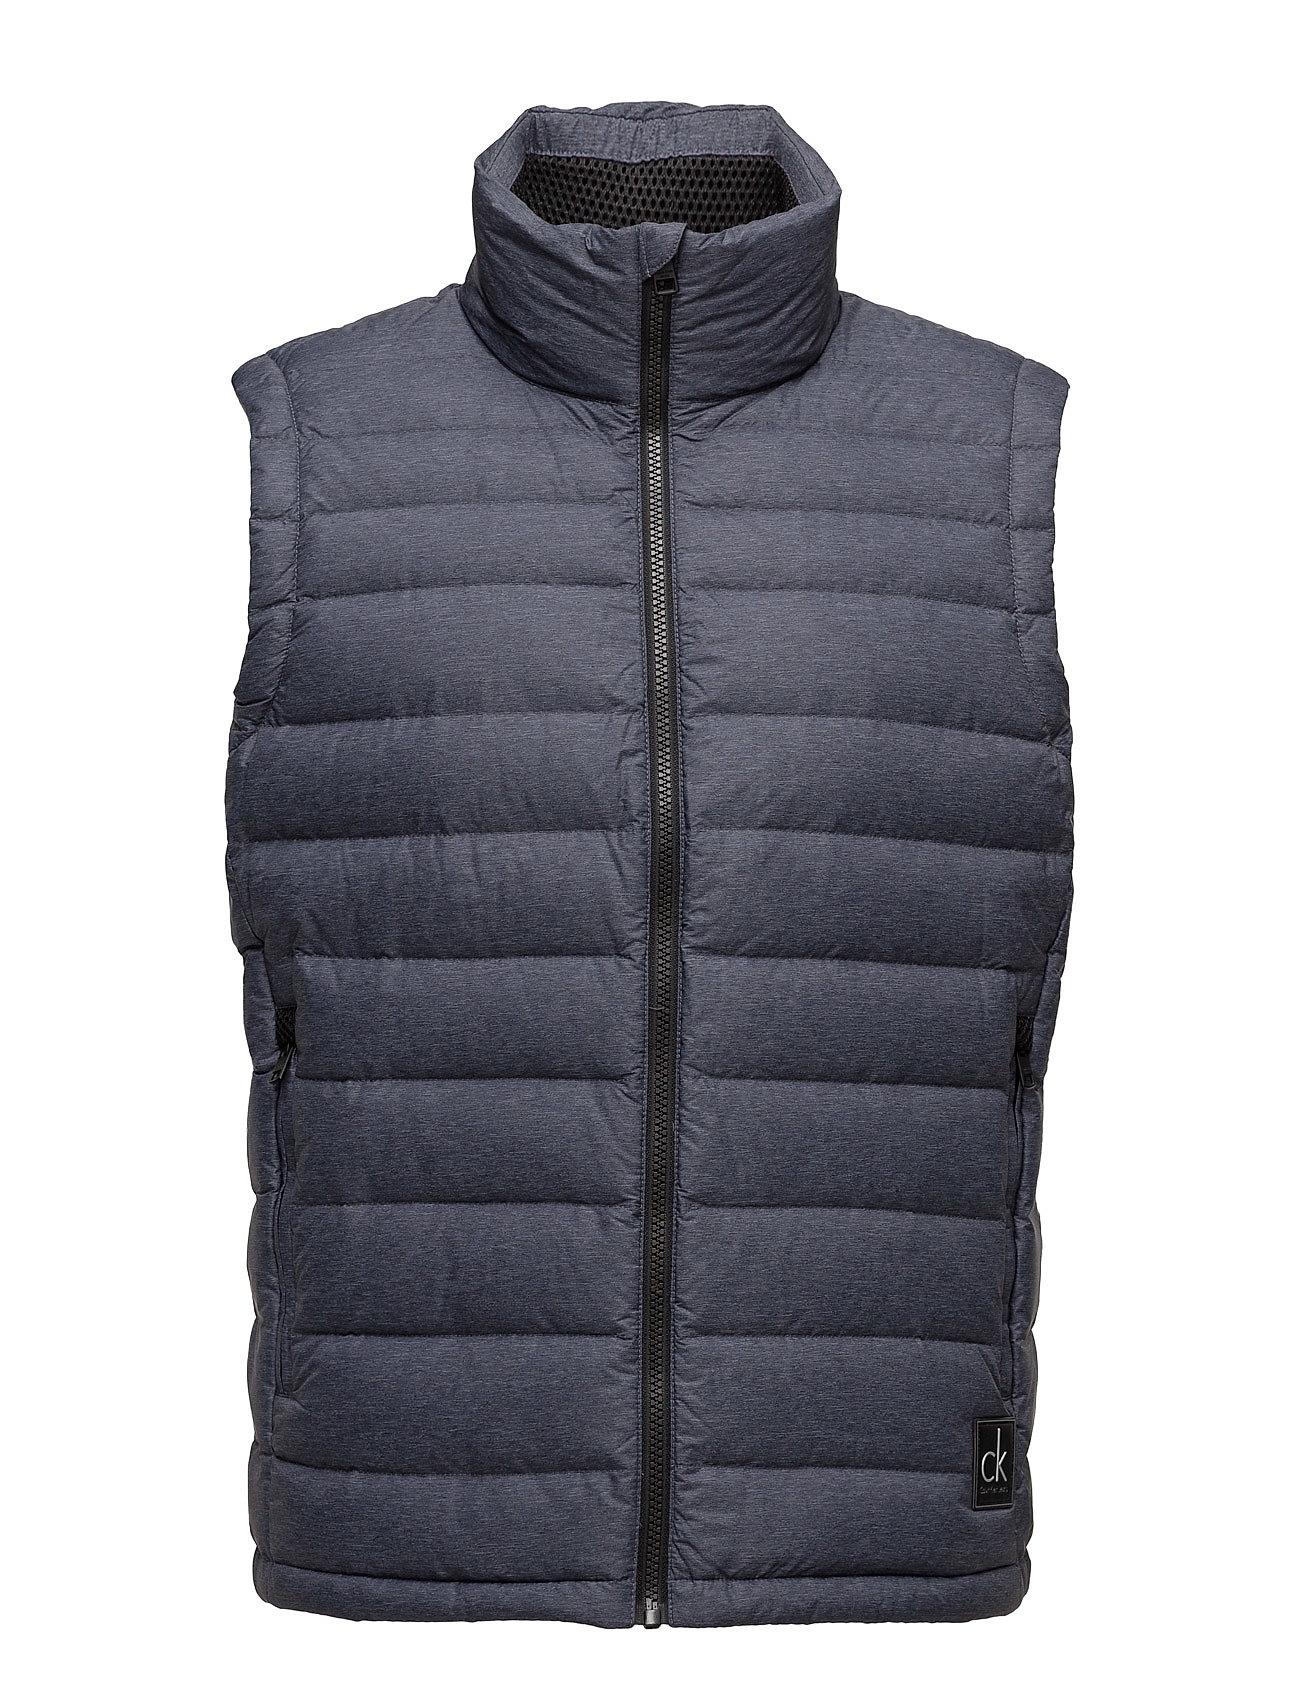 Opack 3 Packable Dow Calvin Klein Jeans Veste til Herrer i Nattehimmel